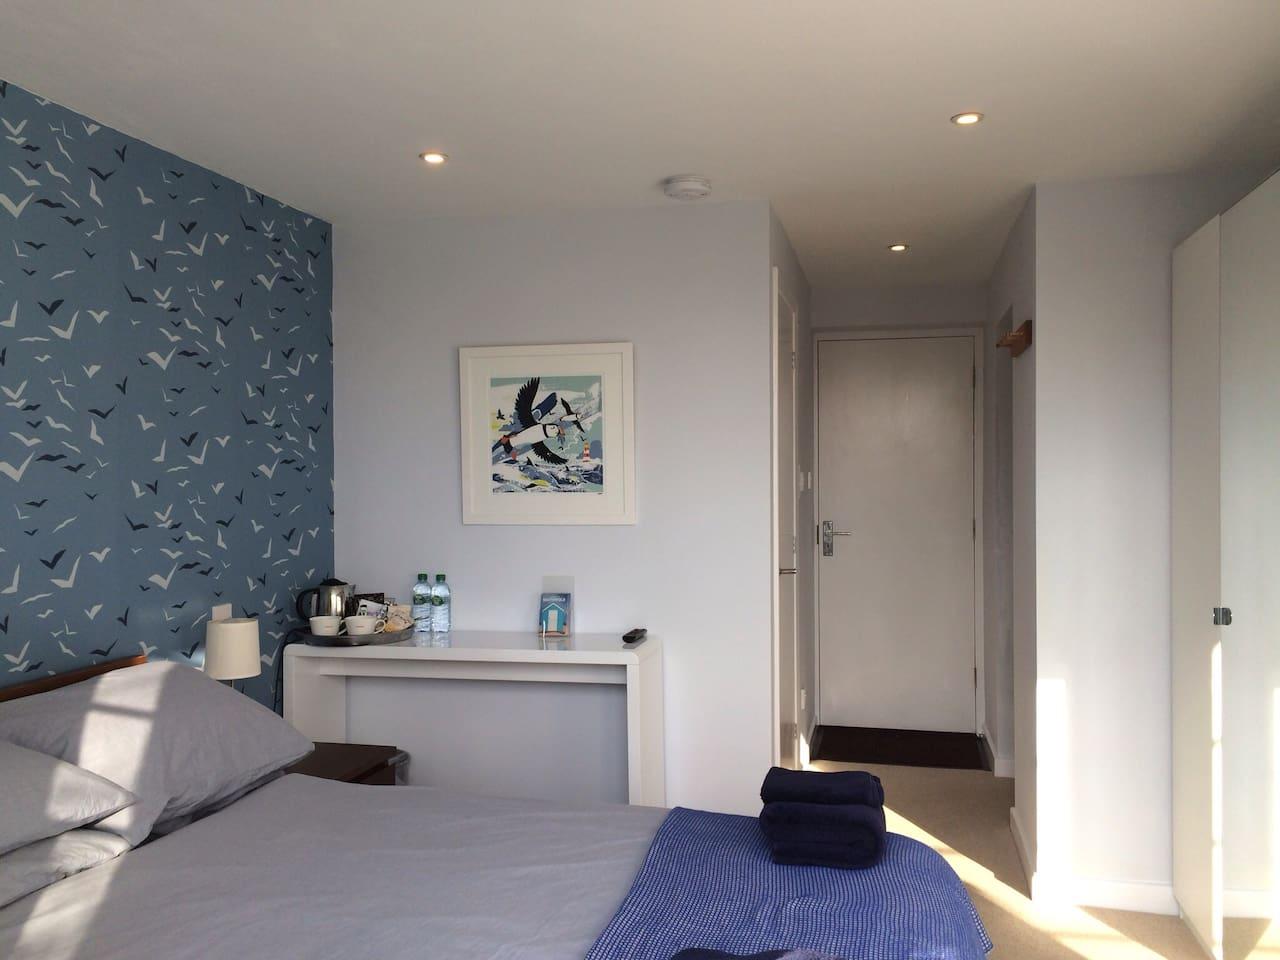 Newly refurbished stylish room